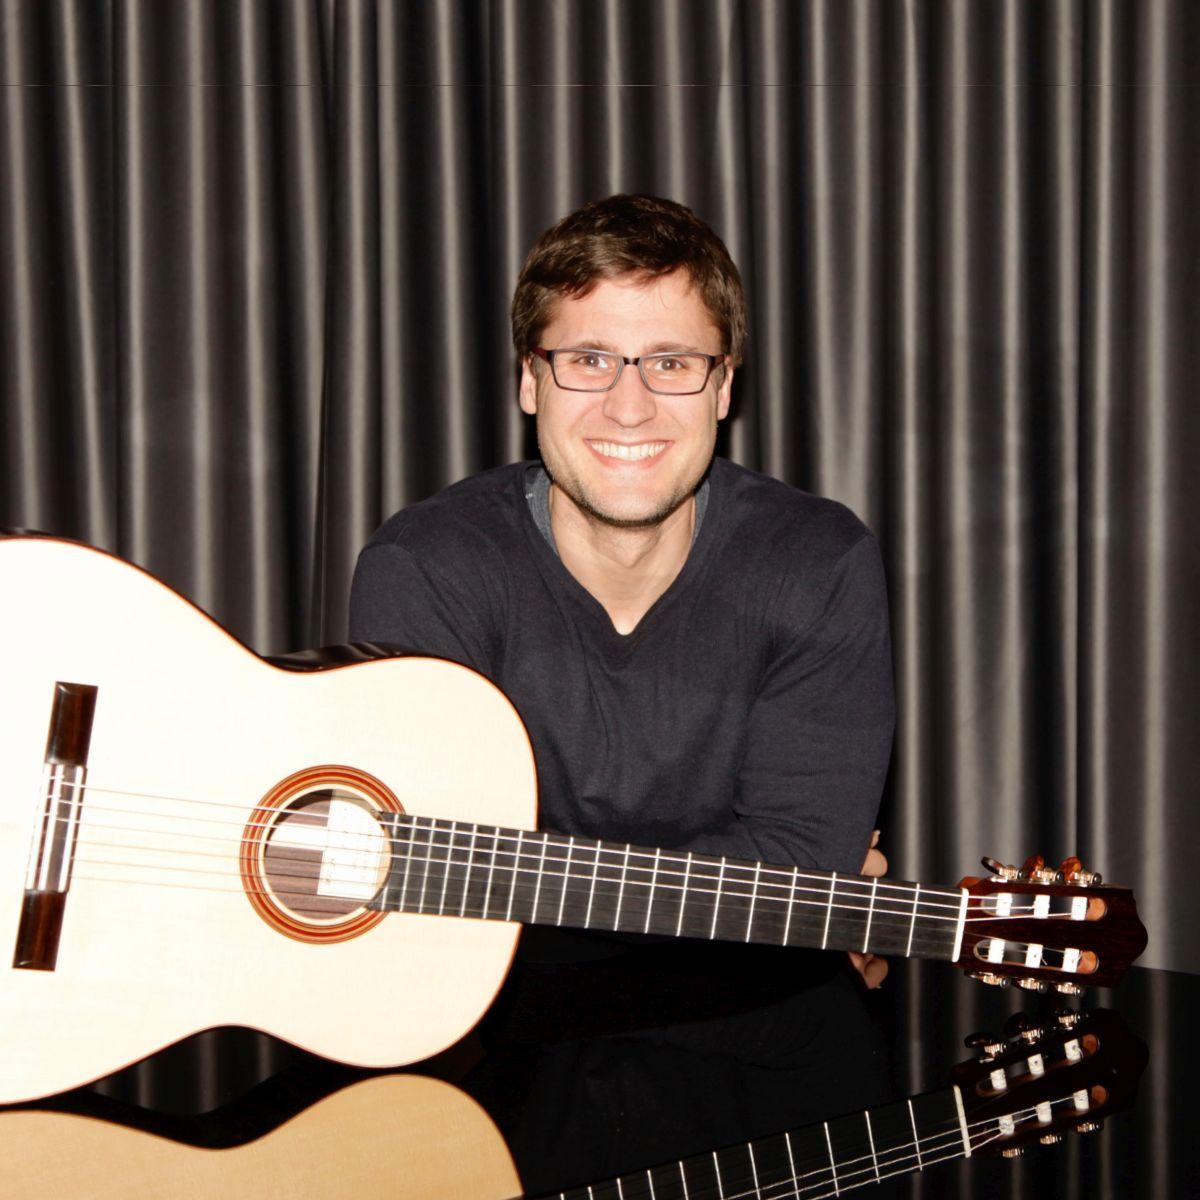 Bild von Benjamin Skolny mit Gitarre